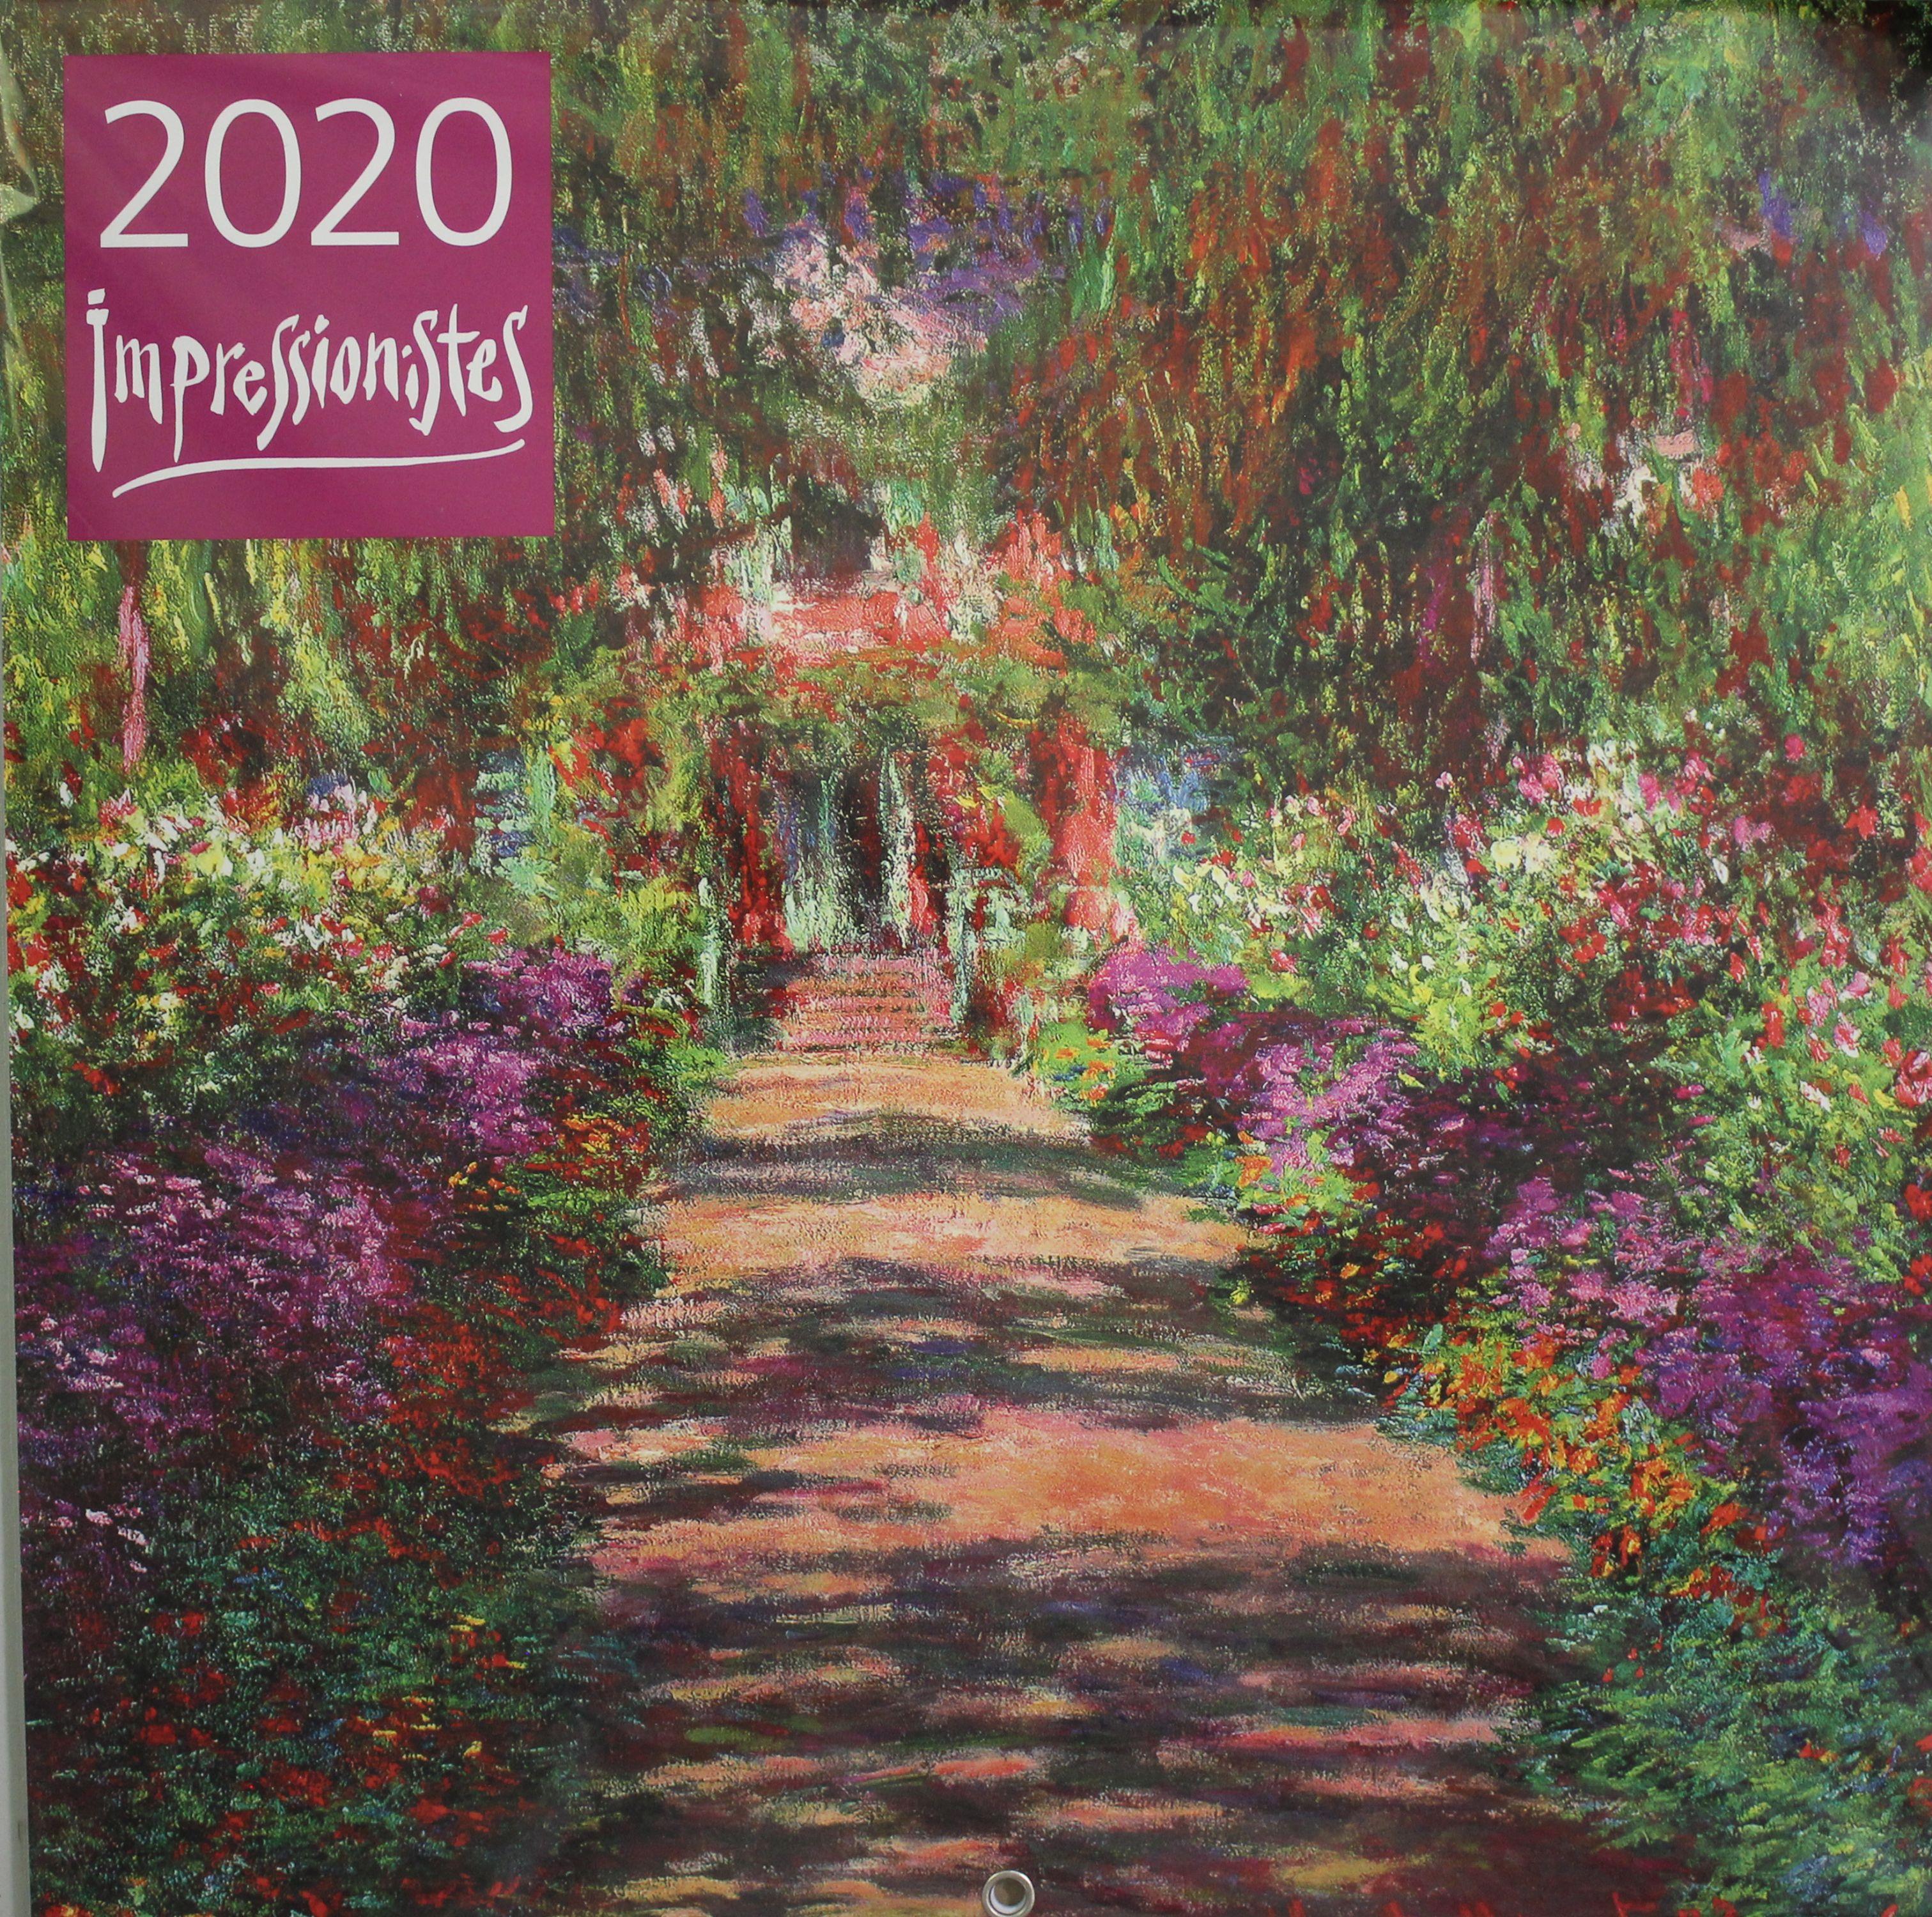 Импрессионисты. Календарь настенный на 2020 год (300х300 мм)